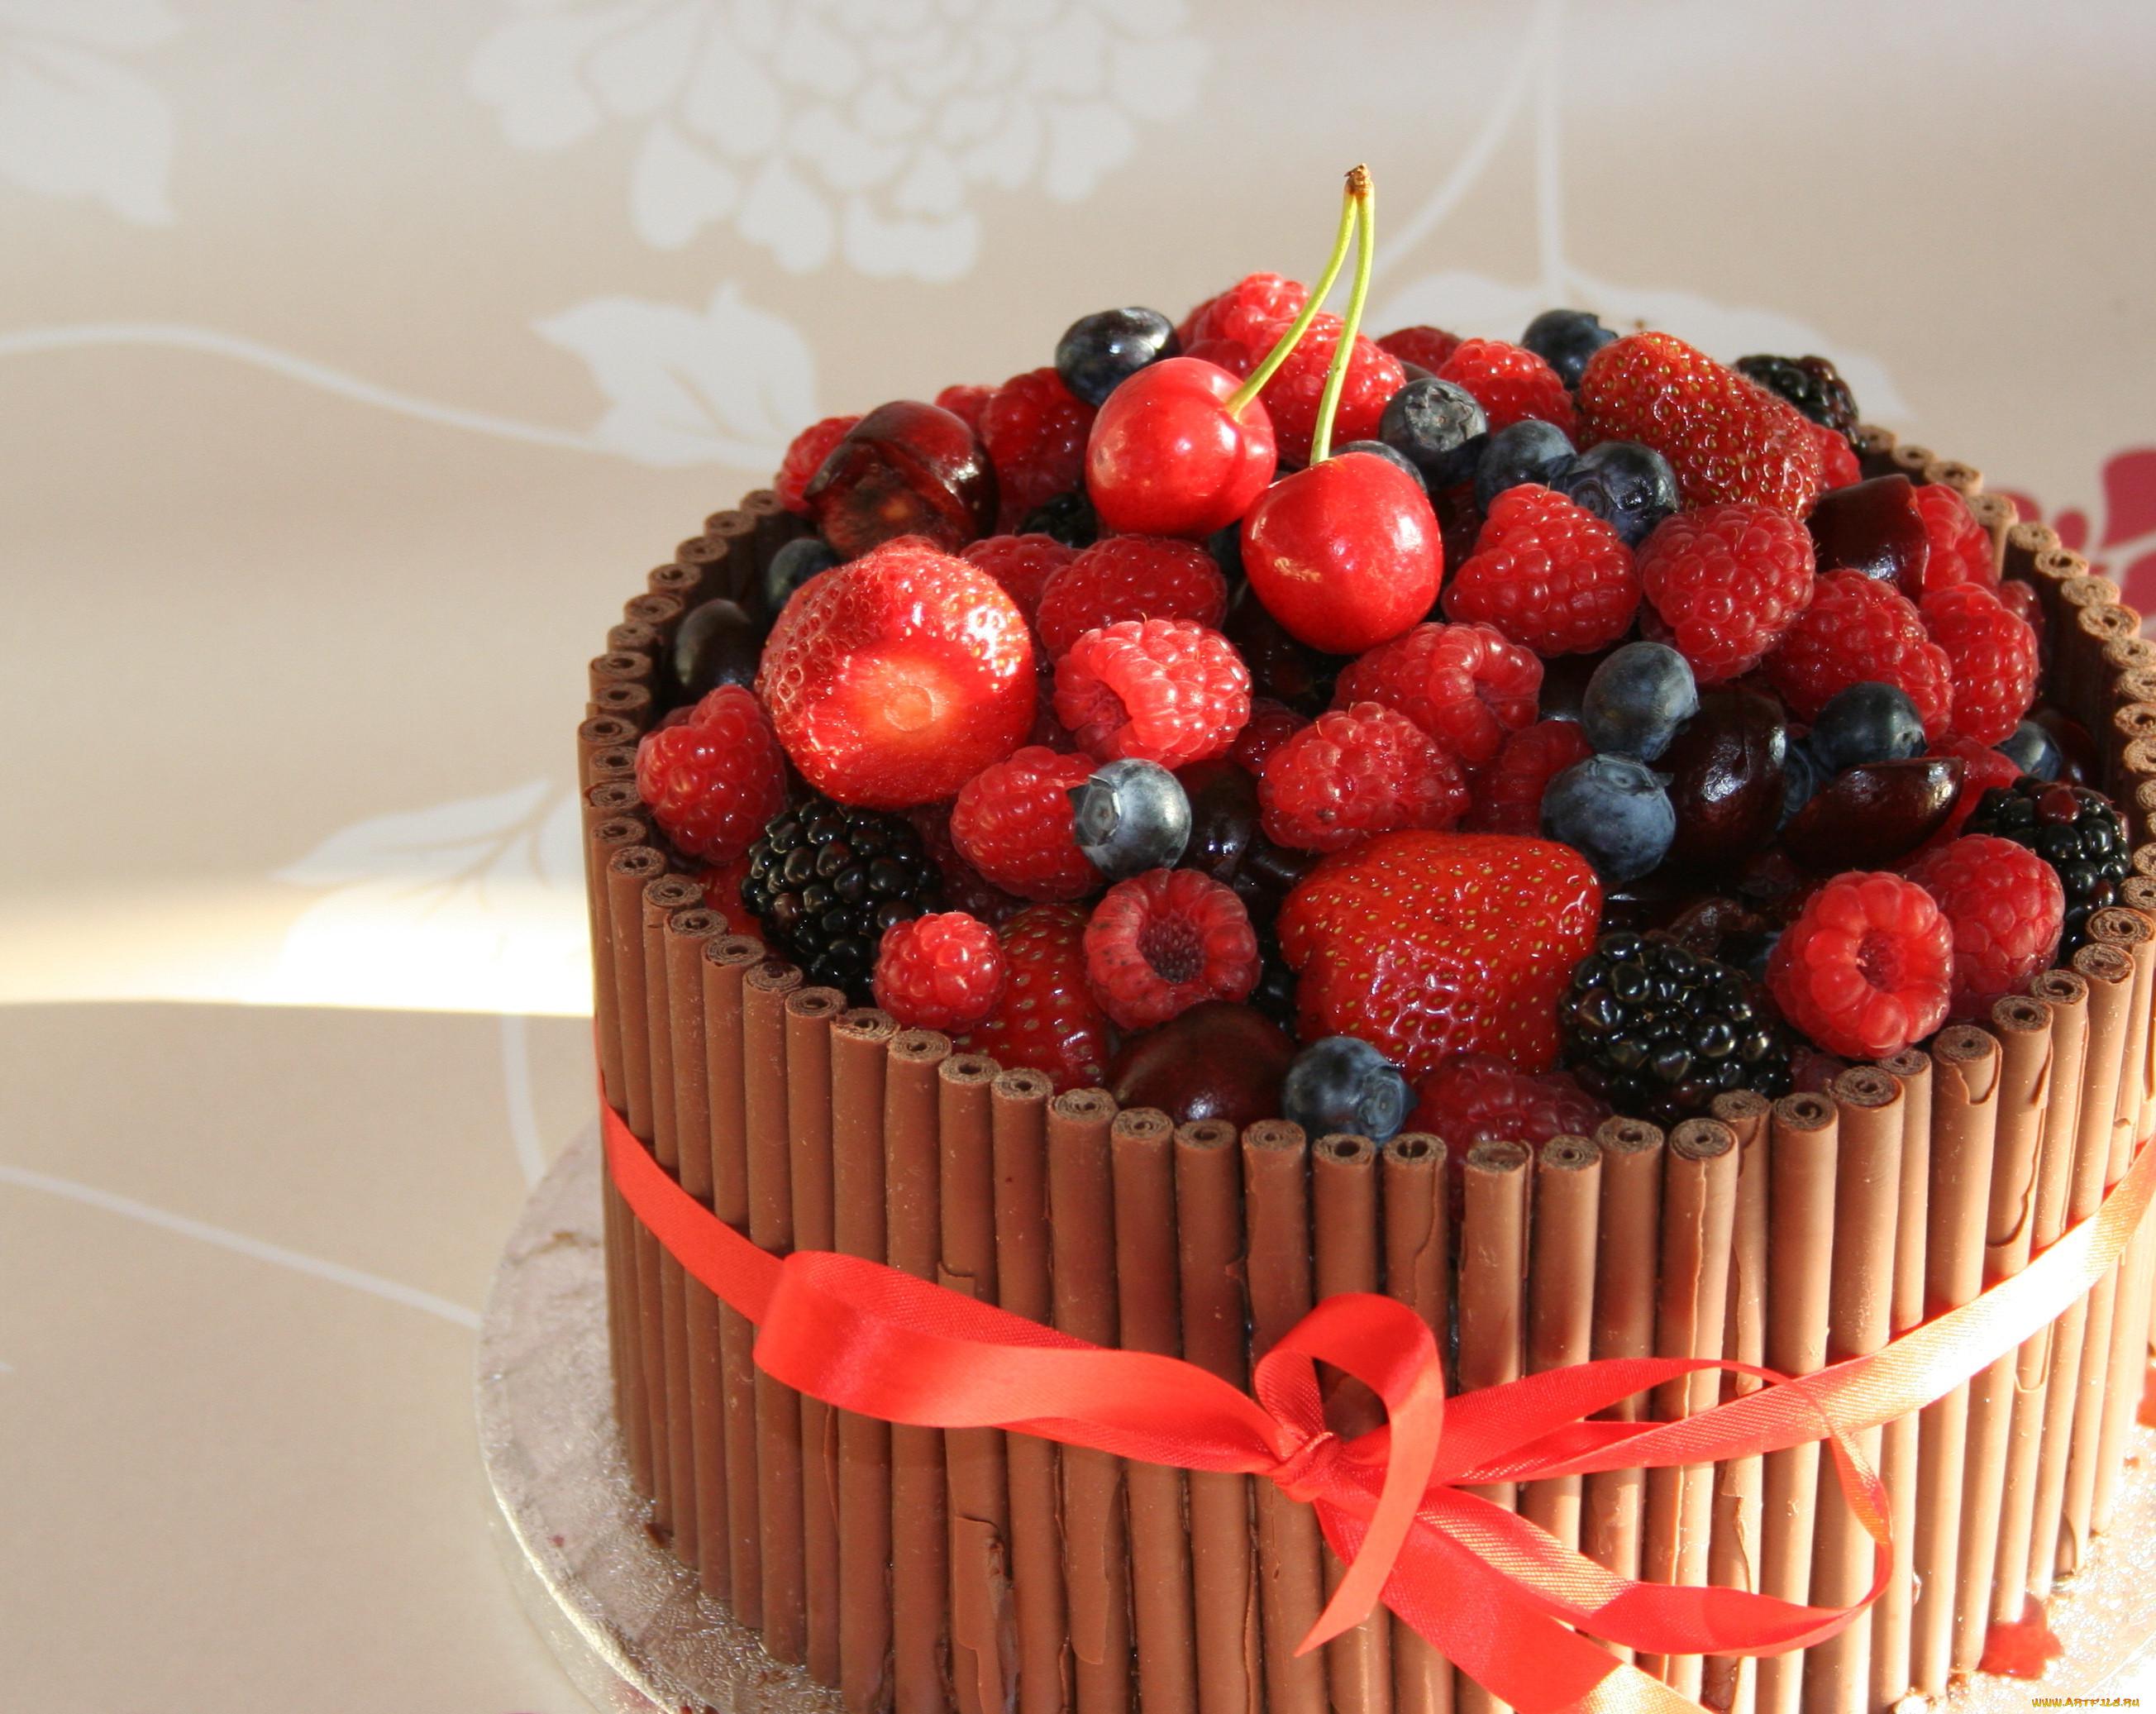 фото тортов с ягодами и фруктами прийти детьми